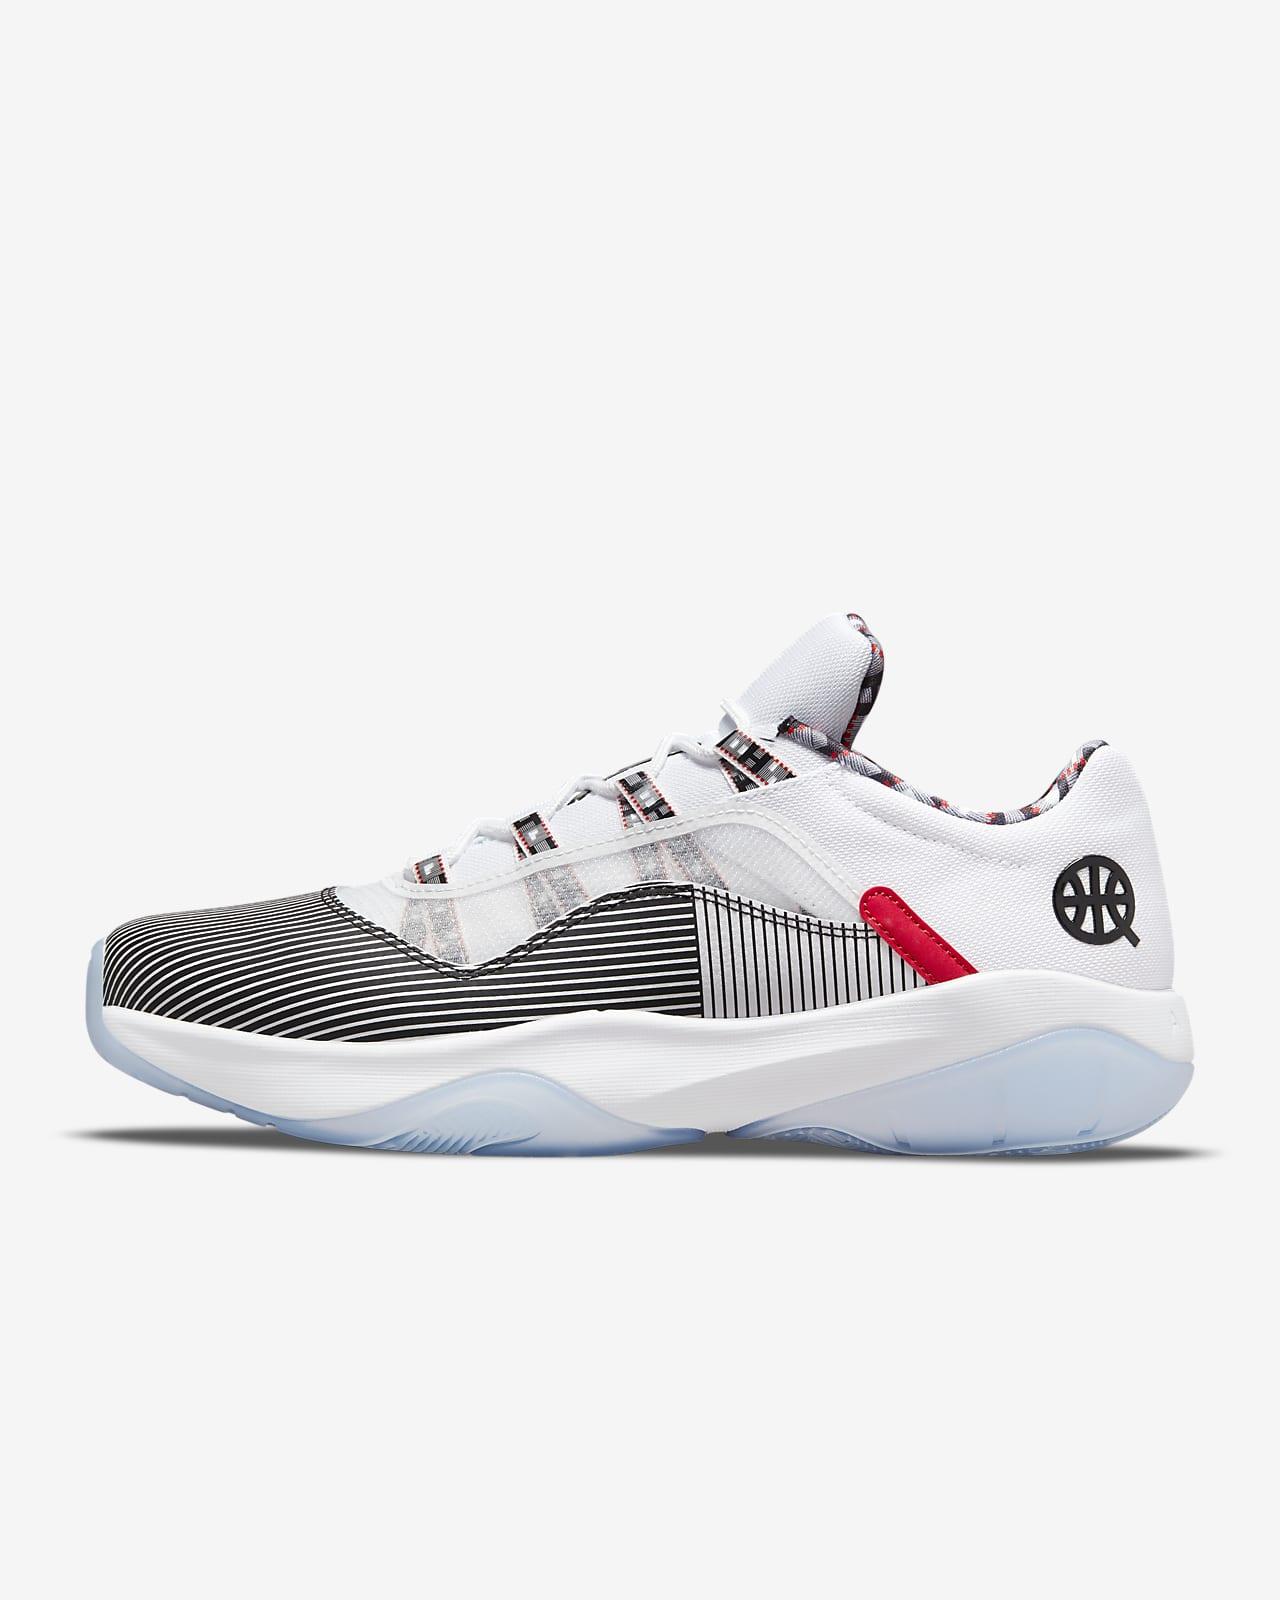 Chaussure Air Jordan 11 CMFT Low Quai 54 pour Homme